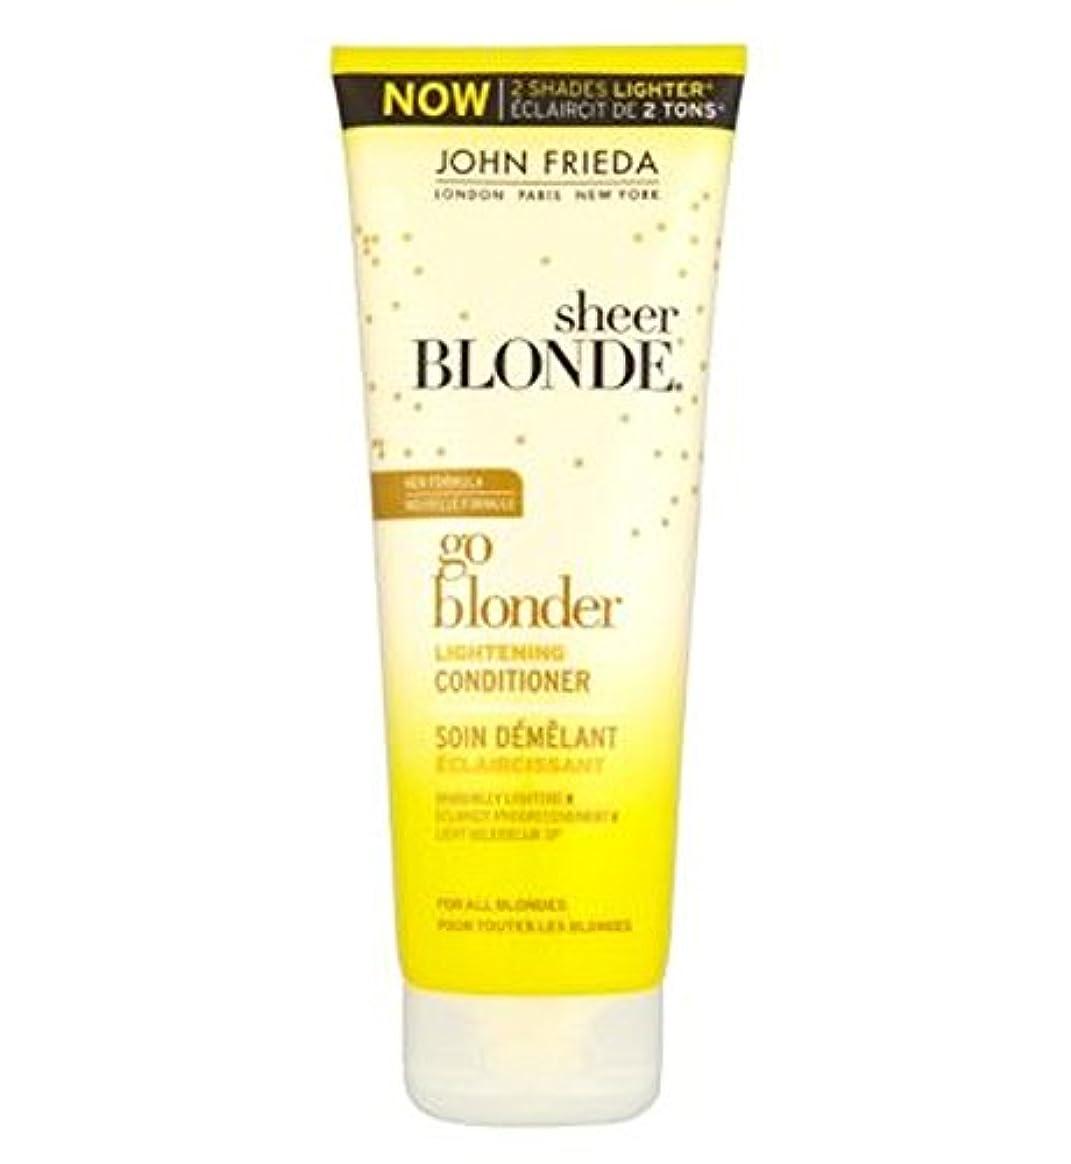 債務スカーフ吐き出すジョン?フリーダ薄手ブロンド行くBlonder美白コンディショナー250Ml (John Frieda) (x2) - John Frieda Sheer Blonde Go Blonder Lightening Conditioner...